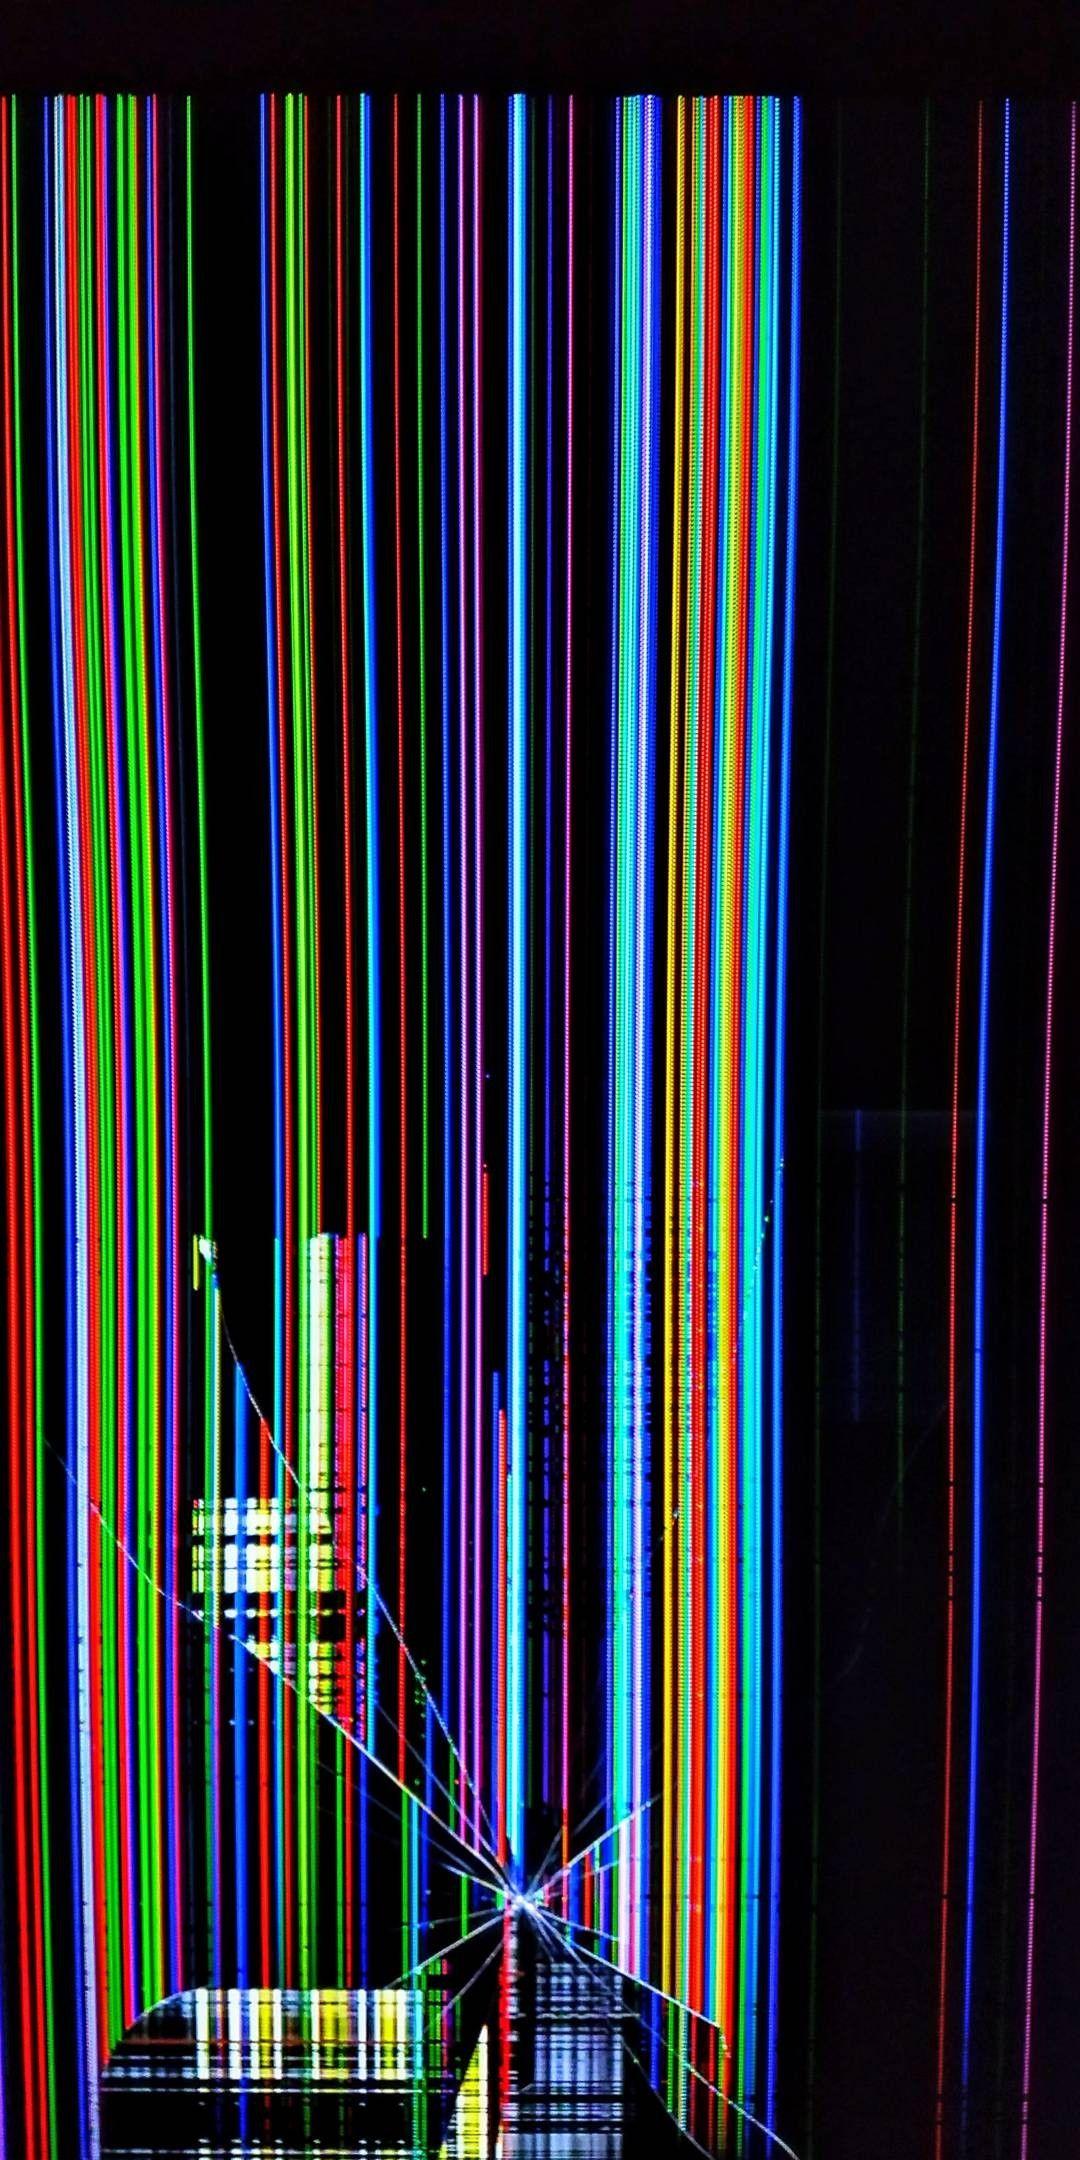 Cracked In 2020 Broken Screen Wallpaper Cracked Wallpaper Screen Wallpaper Hd